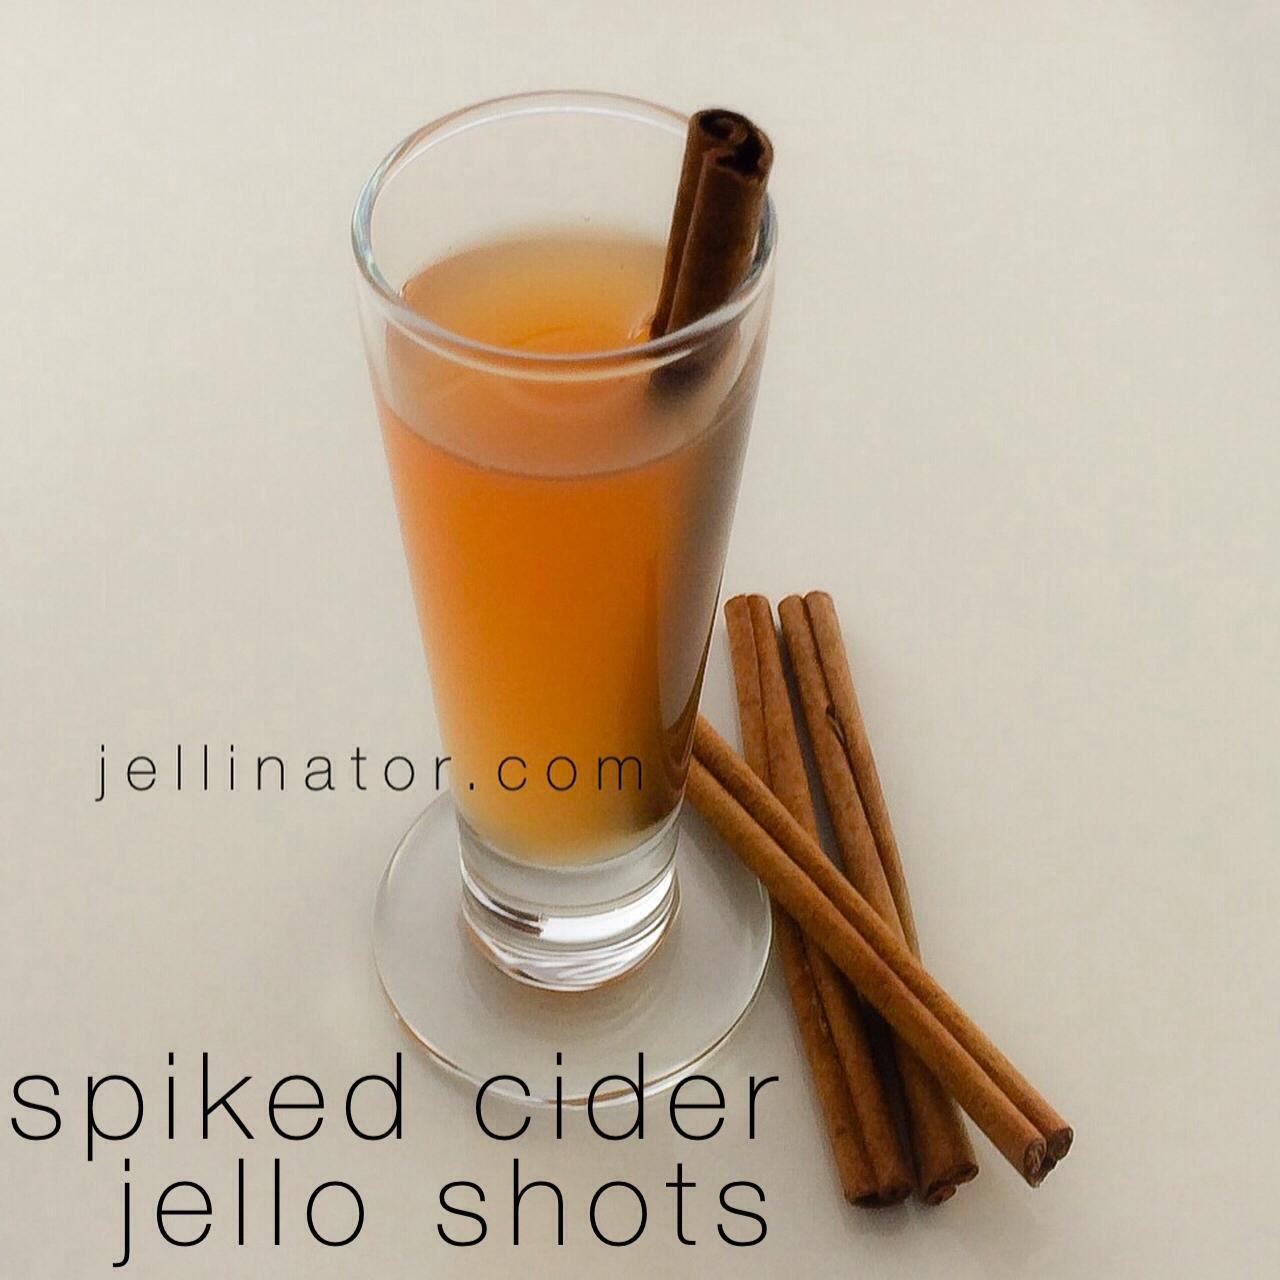 Fall Jello Shots And Party Recipes Jellinator